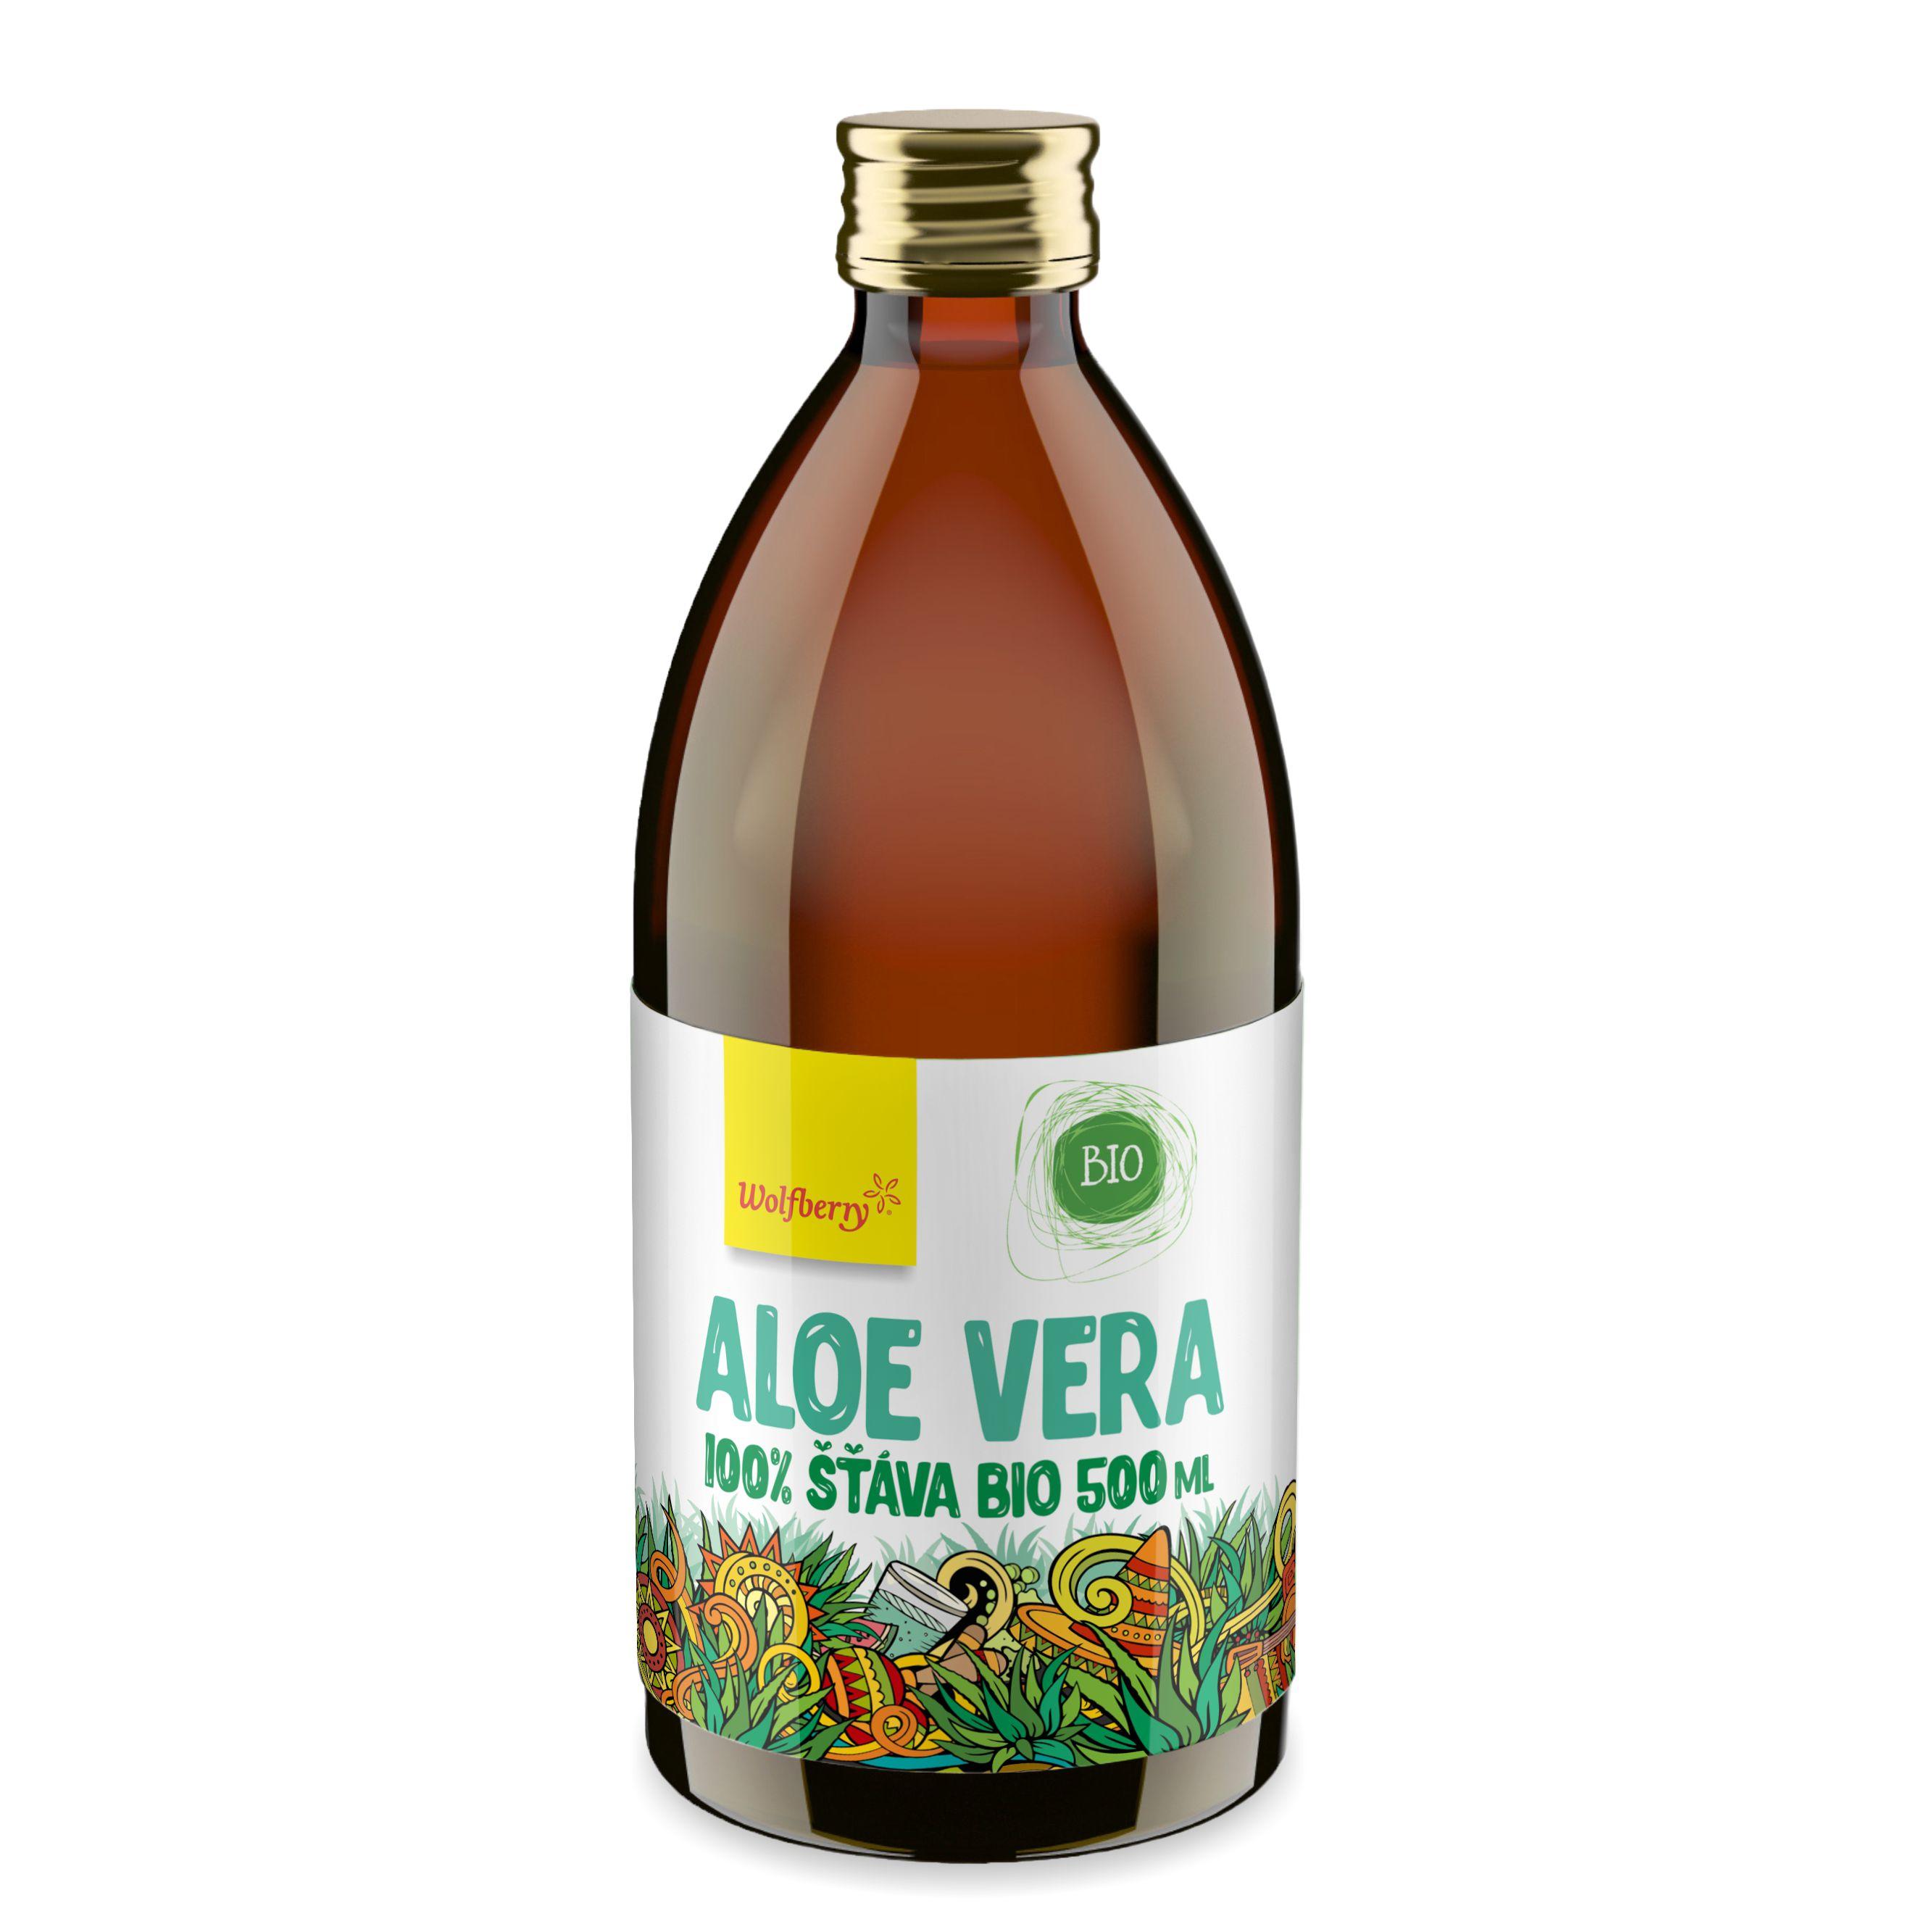 Aloe vera šťáva bio 500ml wolfberry